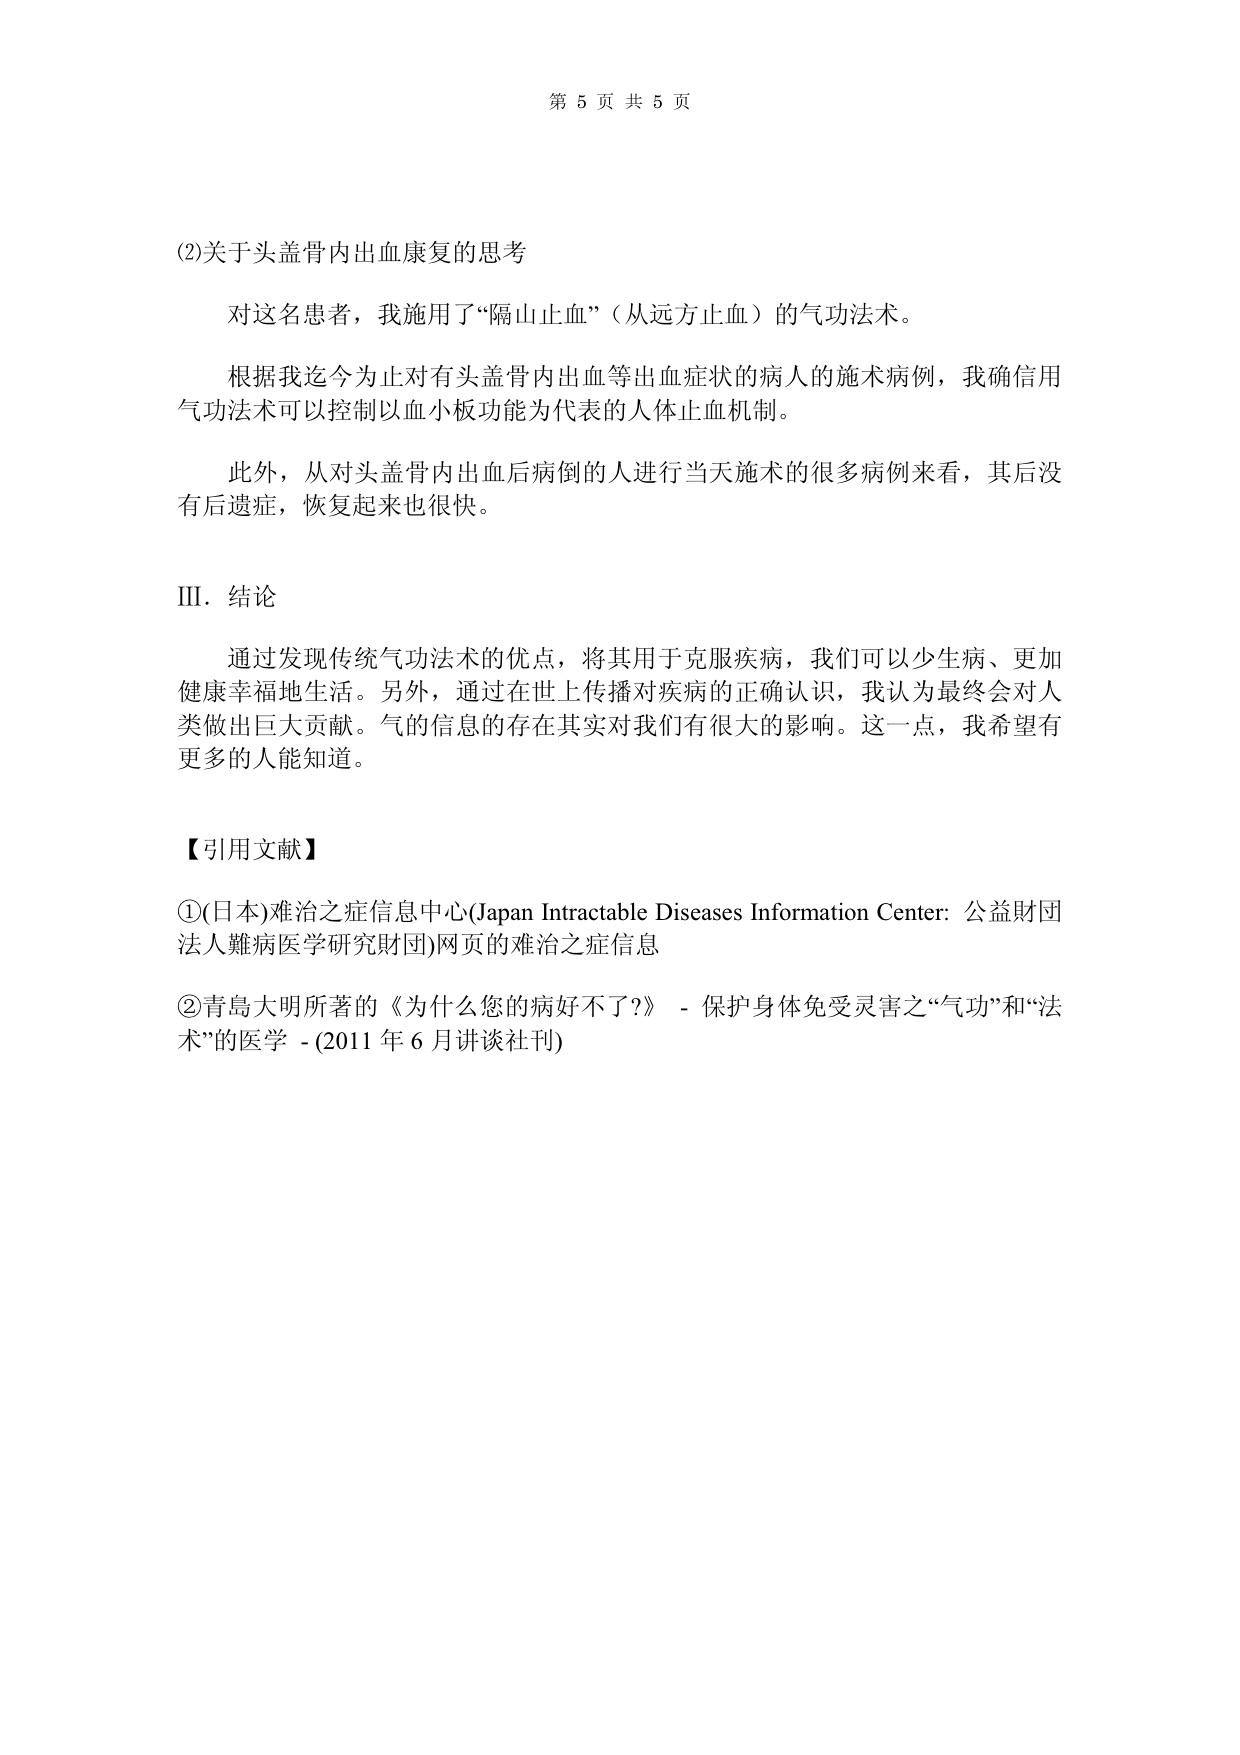 青島大明『気の情報操作で病気は治る』中国語5